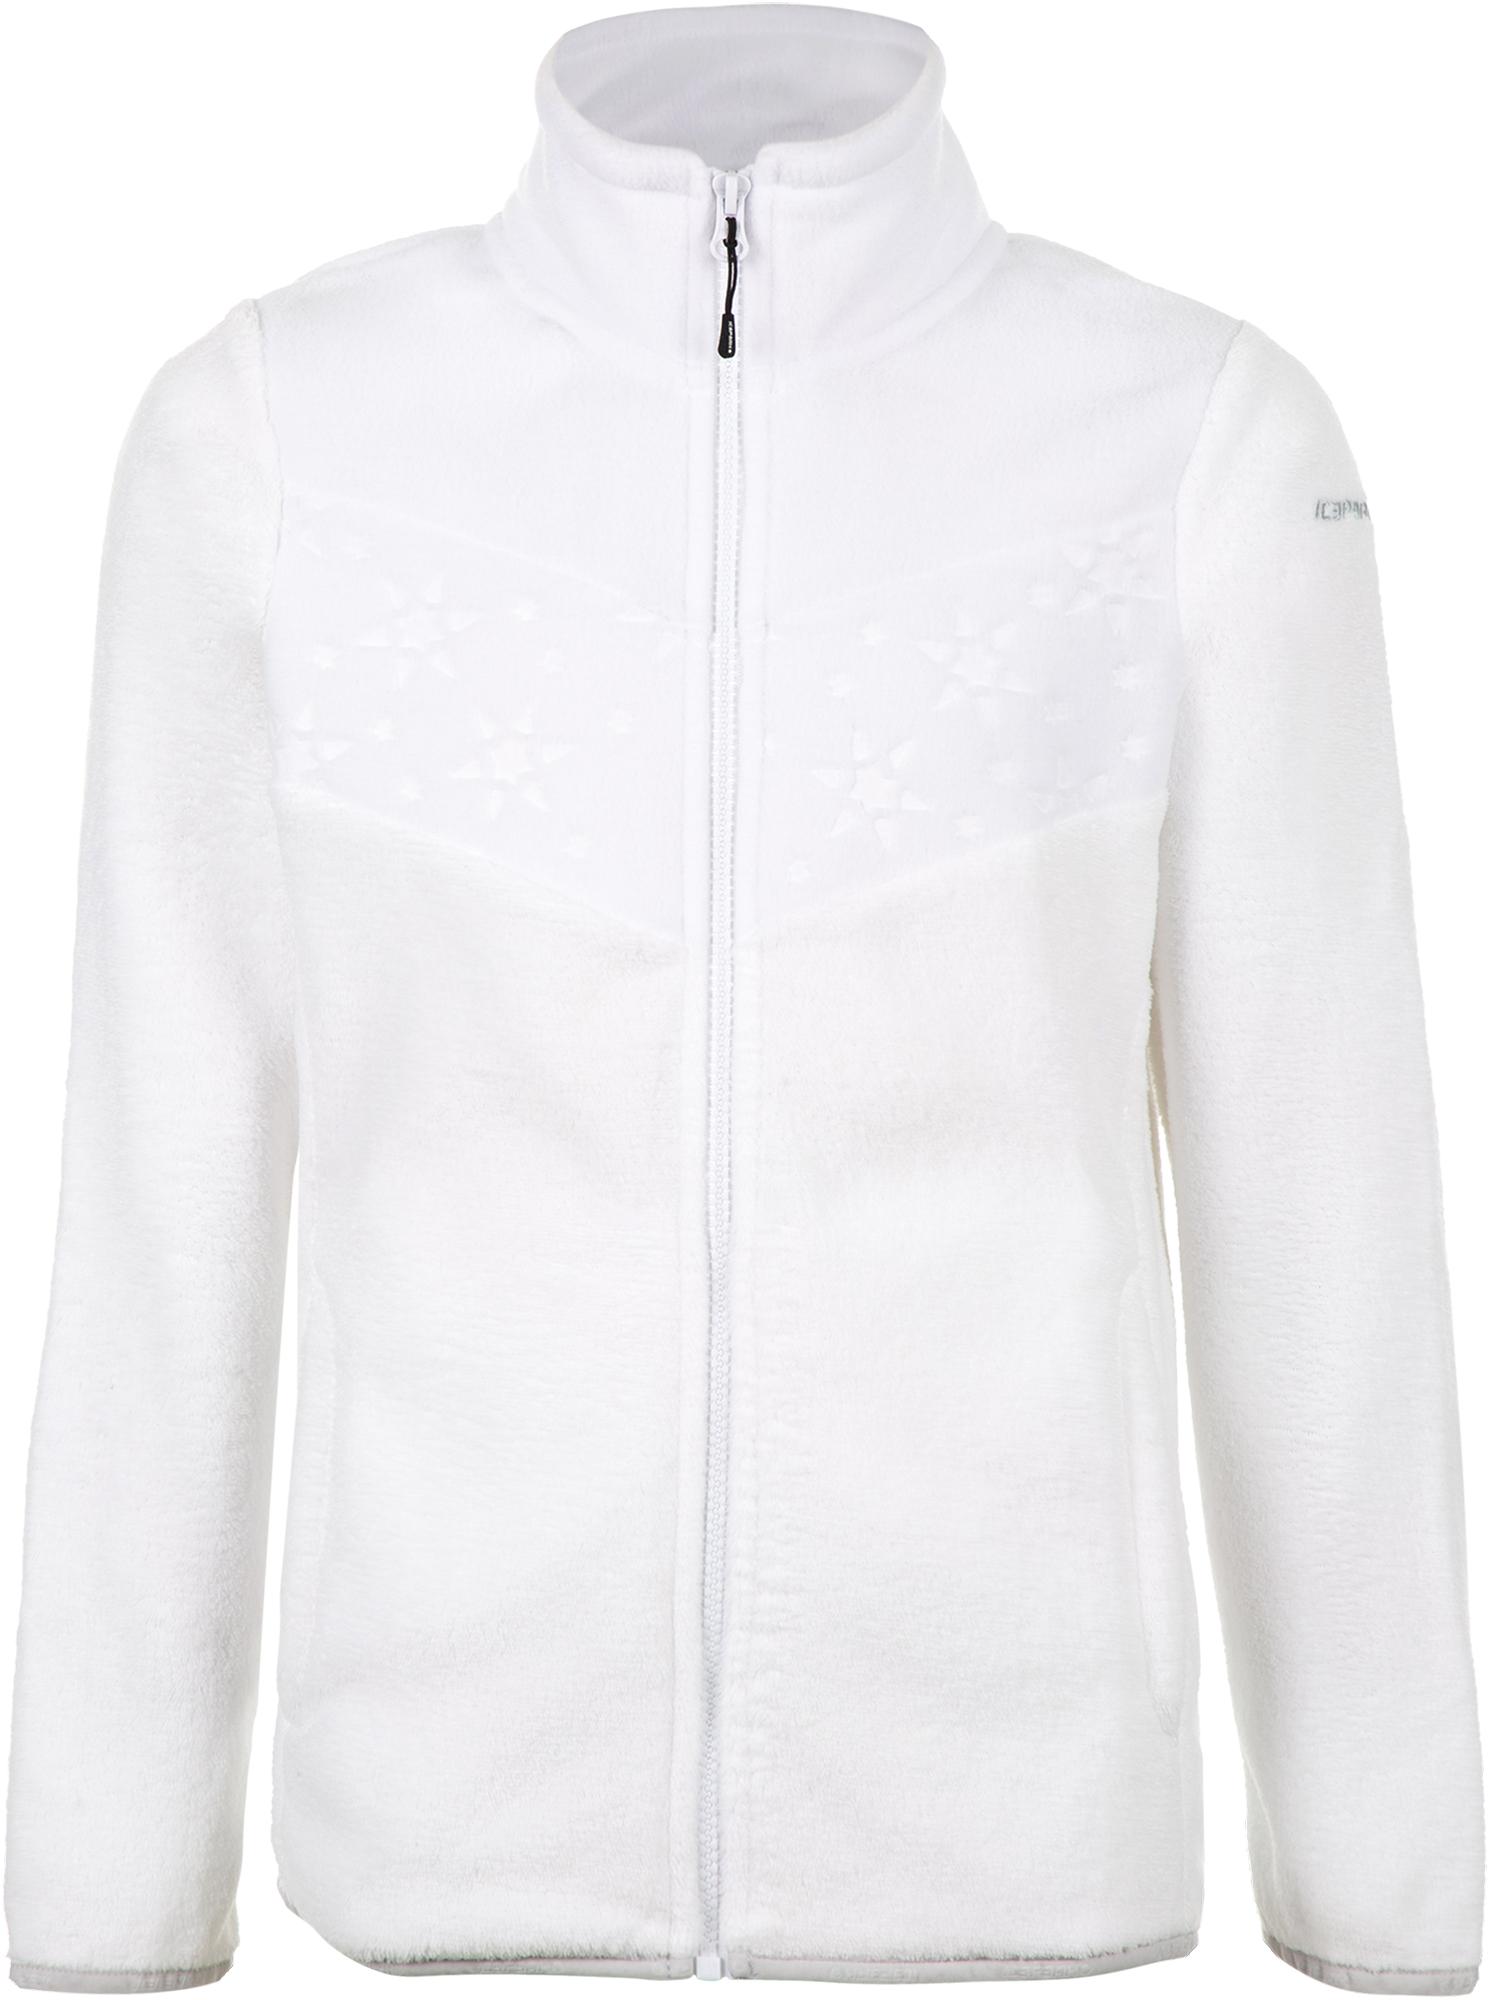 IcePeak Джемпер флисовый для девочек IcePeak Limon, размер 164 костюм куртка брюки для девочек icepeak 452002654iv цвет фиолетовый р 164 100%полиэстер 740